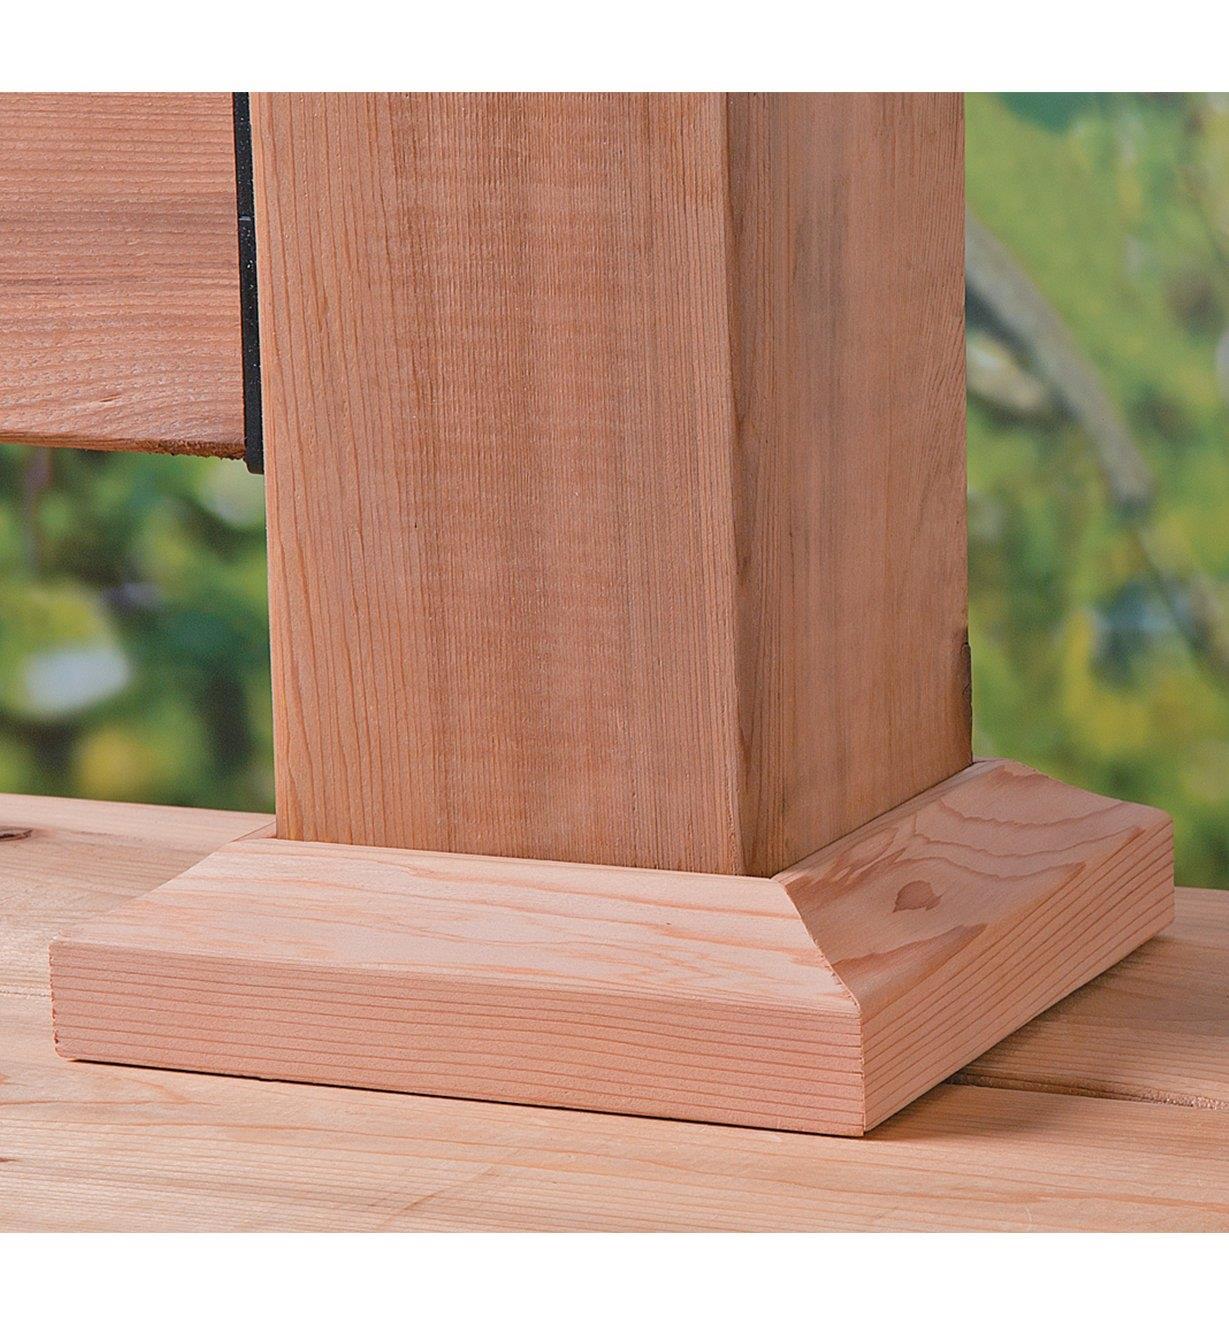 Pied de poteau de galerie en bois avec plinthe